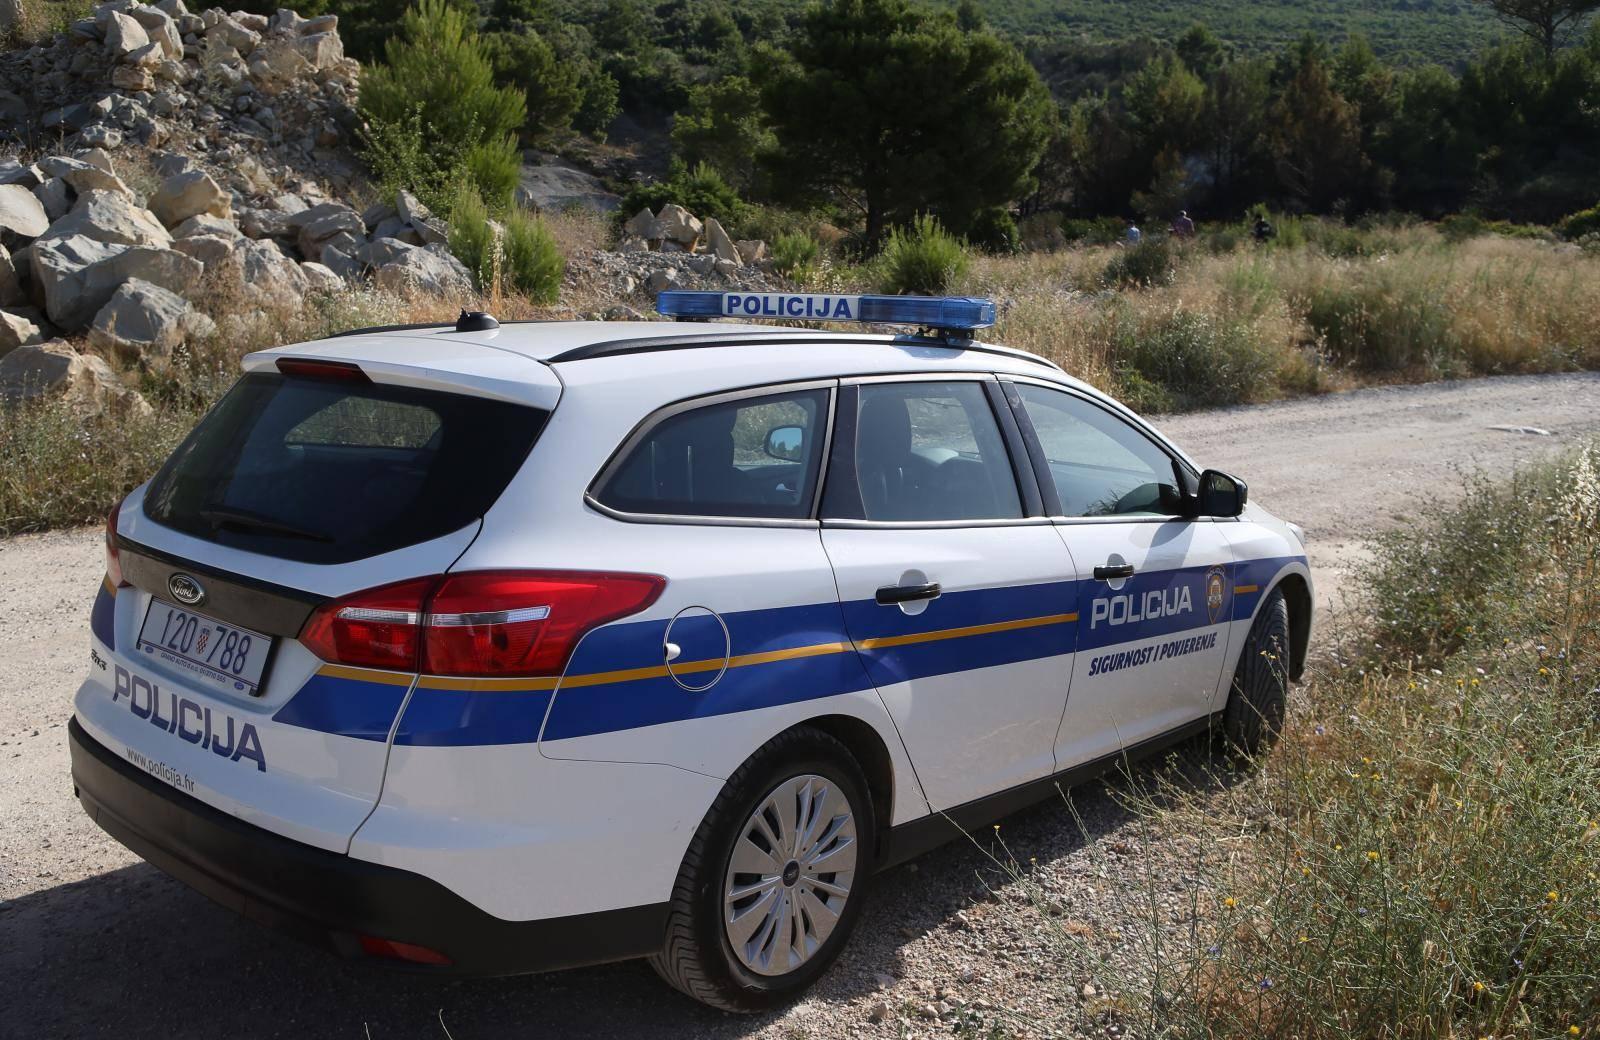 Užas u Kaštel Sućurcu: Gasili požar pa pronašli truplo žene